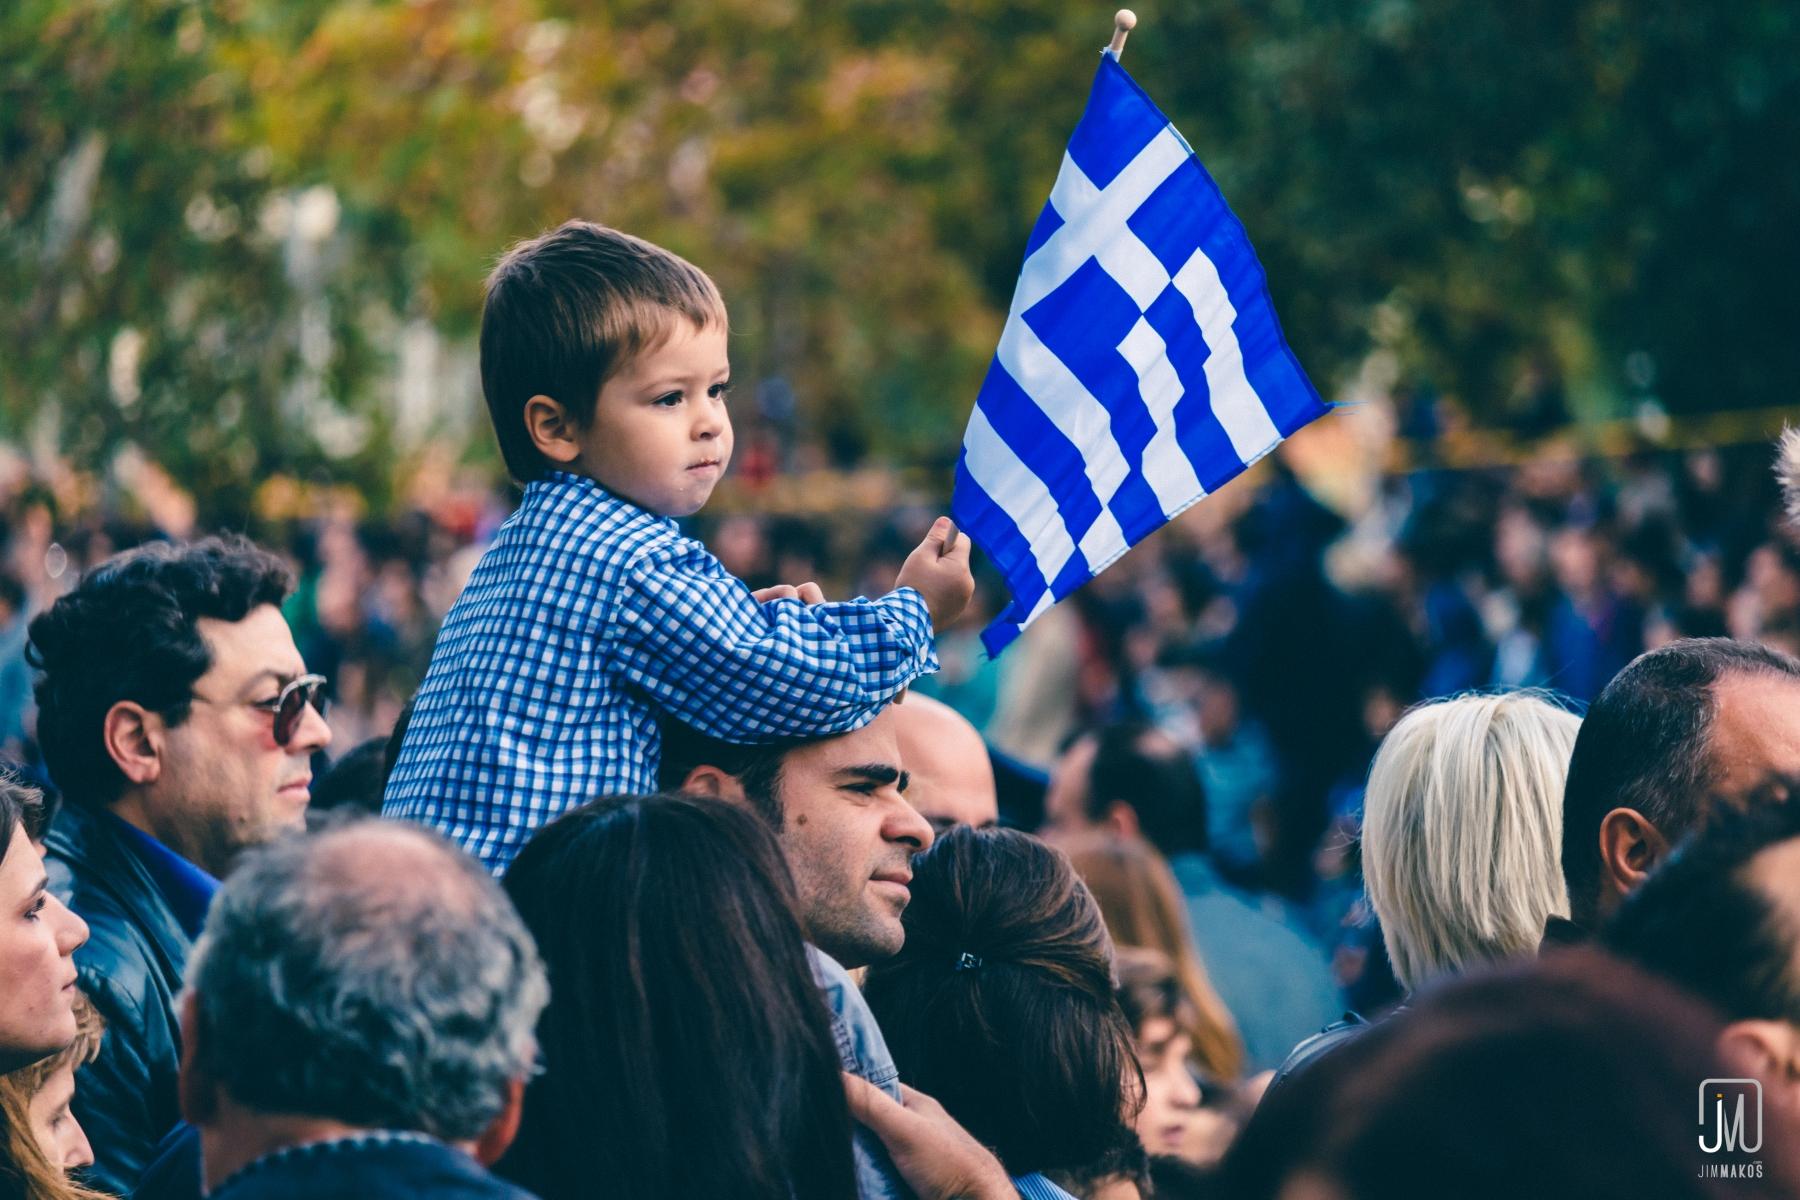 Επέτειος του ΟΧΙ στην Ελλάδα: η ιστορία της γιορτής